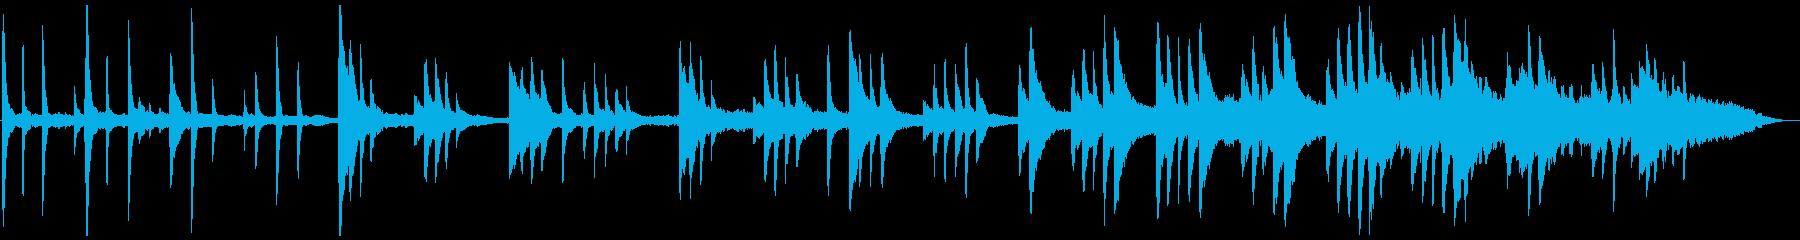 小川のせせらぎの様な癒し系のバラードの再生済みの波形